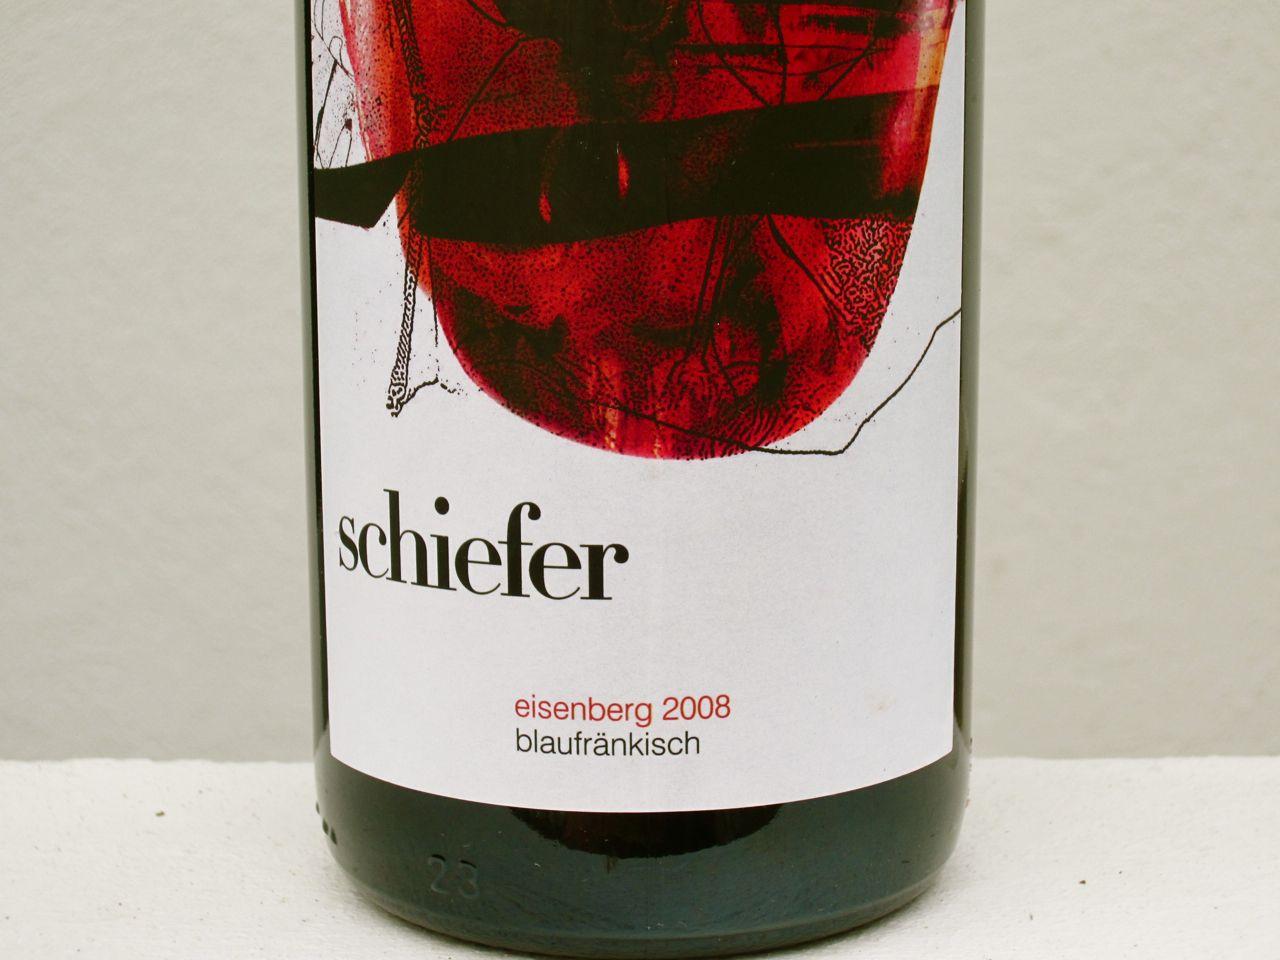 Uwe Schiefer S Blaufraenkisch Eisenberg A Great Wine In Its Class